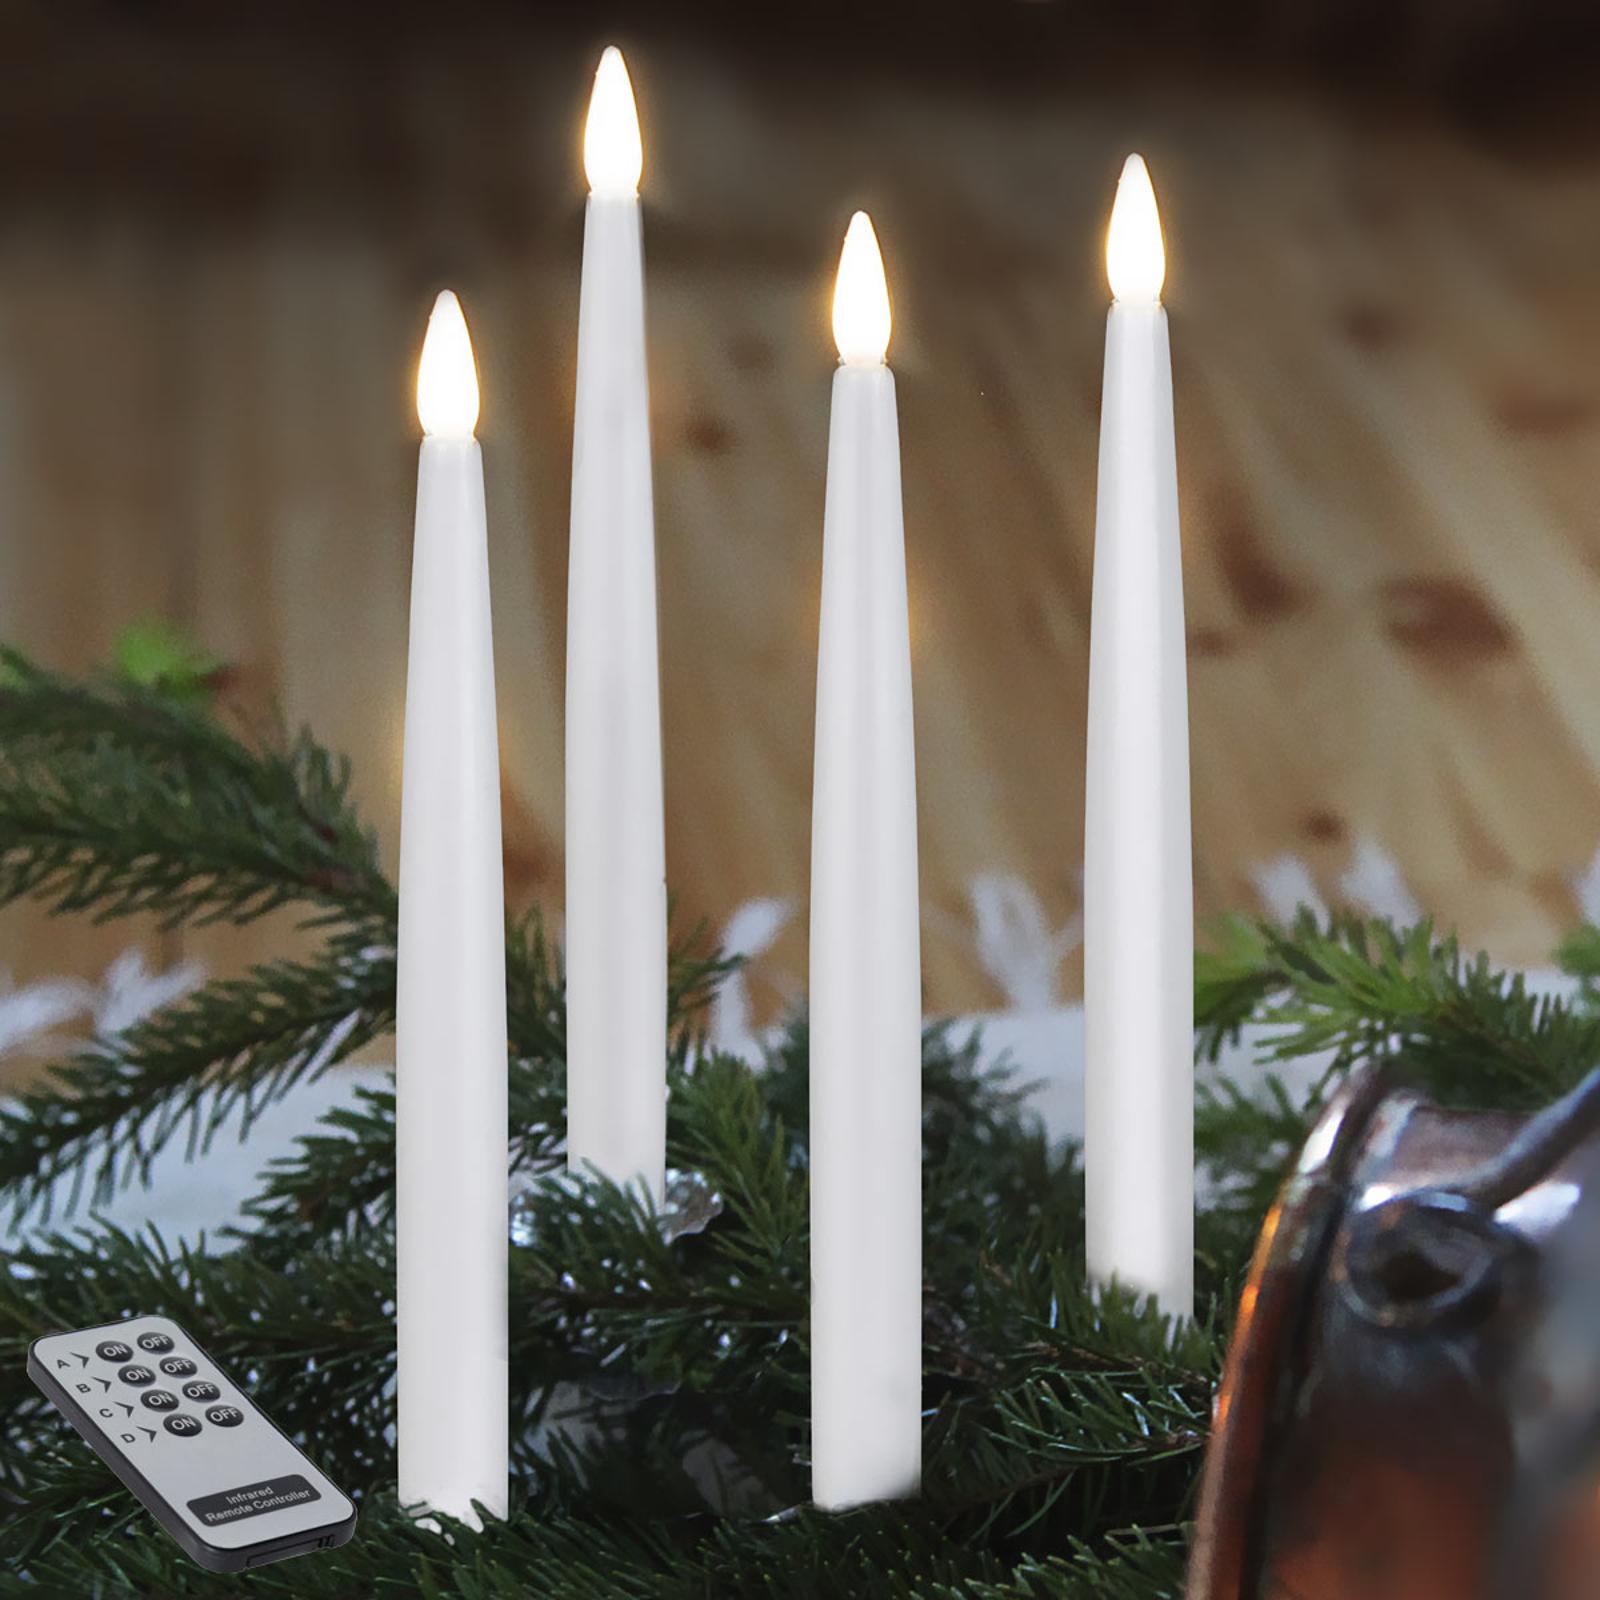 LED-juletrelys lang, 4 deler, innendørs